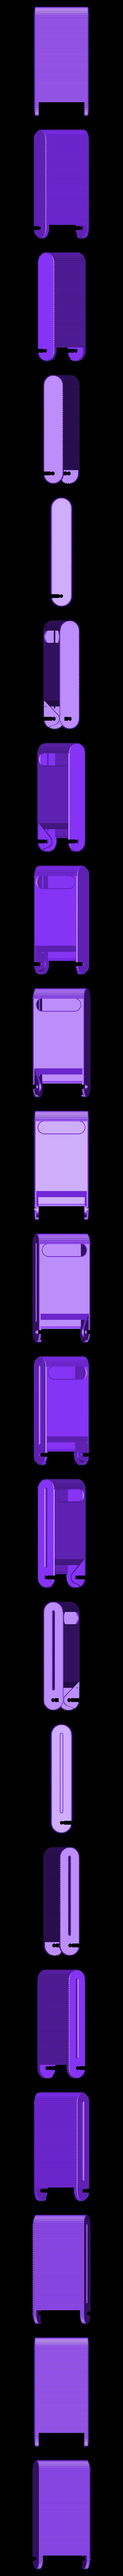 Tampon Dispenser V5 - magazine.STL Télécharger fichier STL gratuit Distributeur de tampons • Modèle pour imprimante 3D, StudioRaket